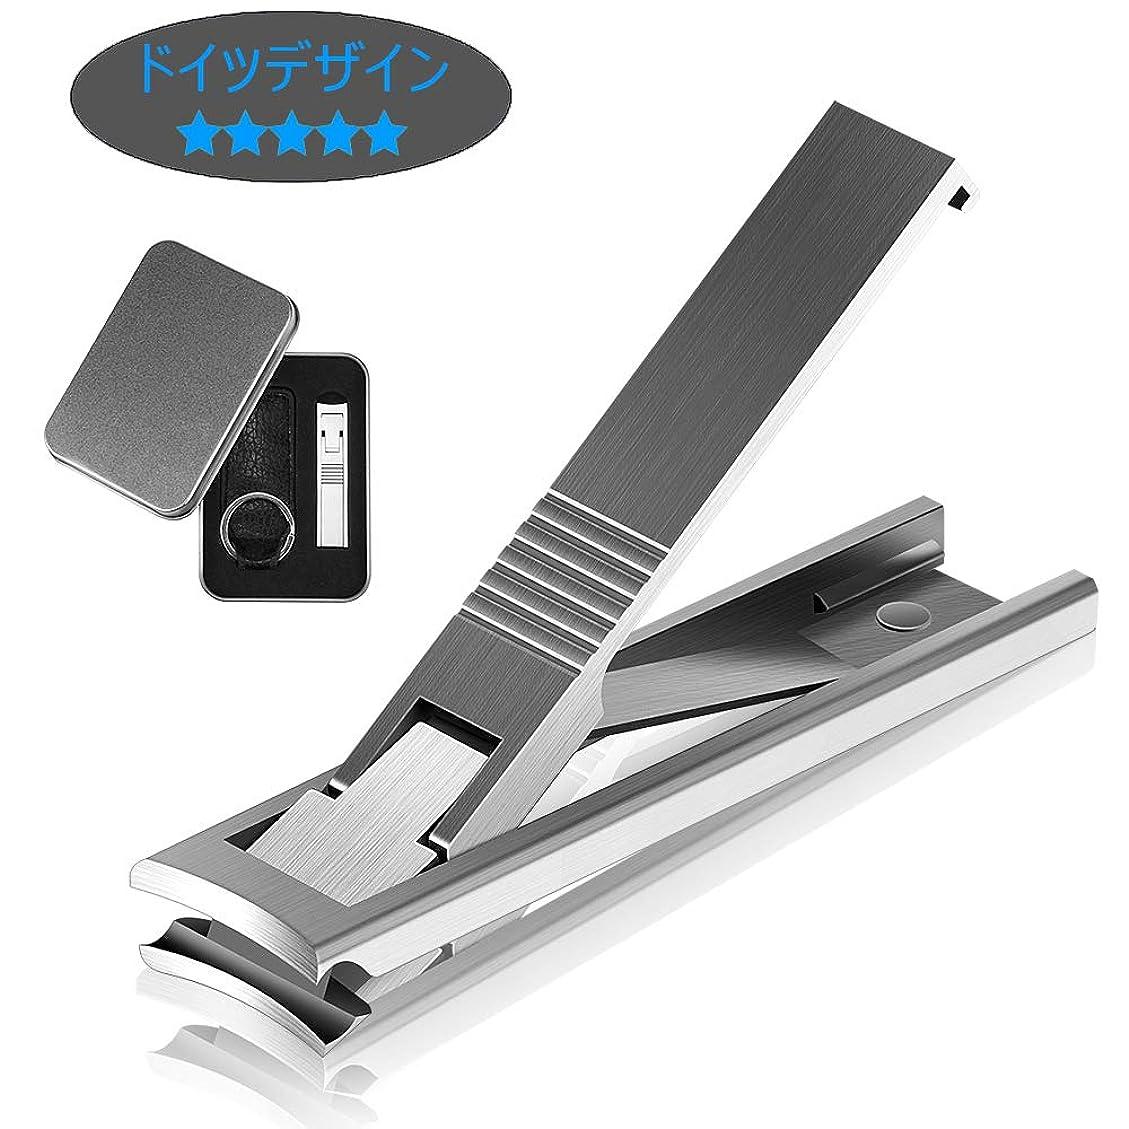 敗北川初心者爪切り-LECDDL 革新的なデザイン 厚さ3.8mmの超薄型爪切り つめきり カバー付き ステンレス鋼製 人気 高級飛び散り防止爪切り レザー収納袋付き 持ち運びしやすい